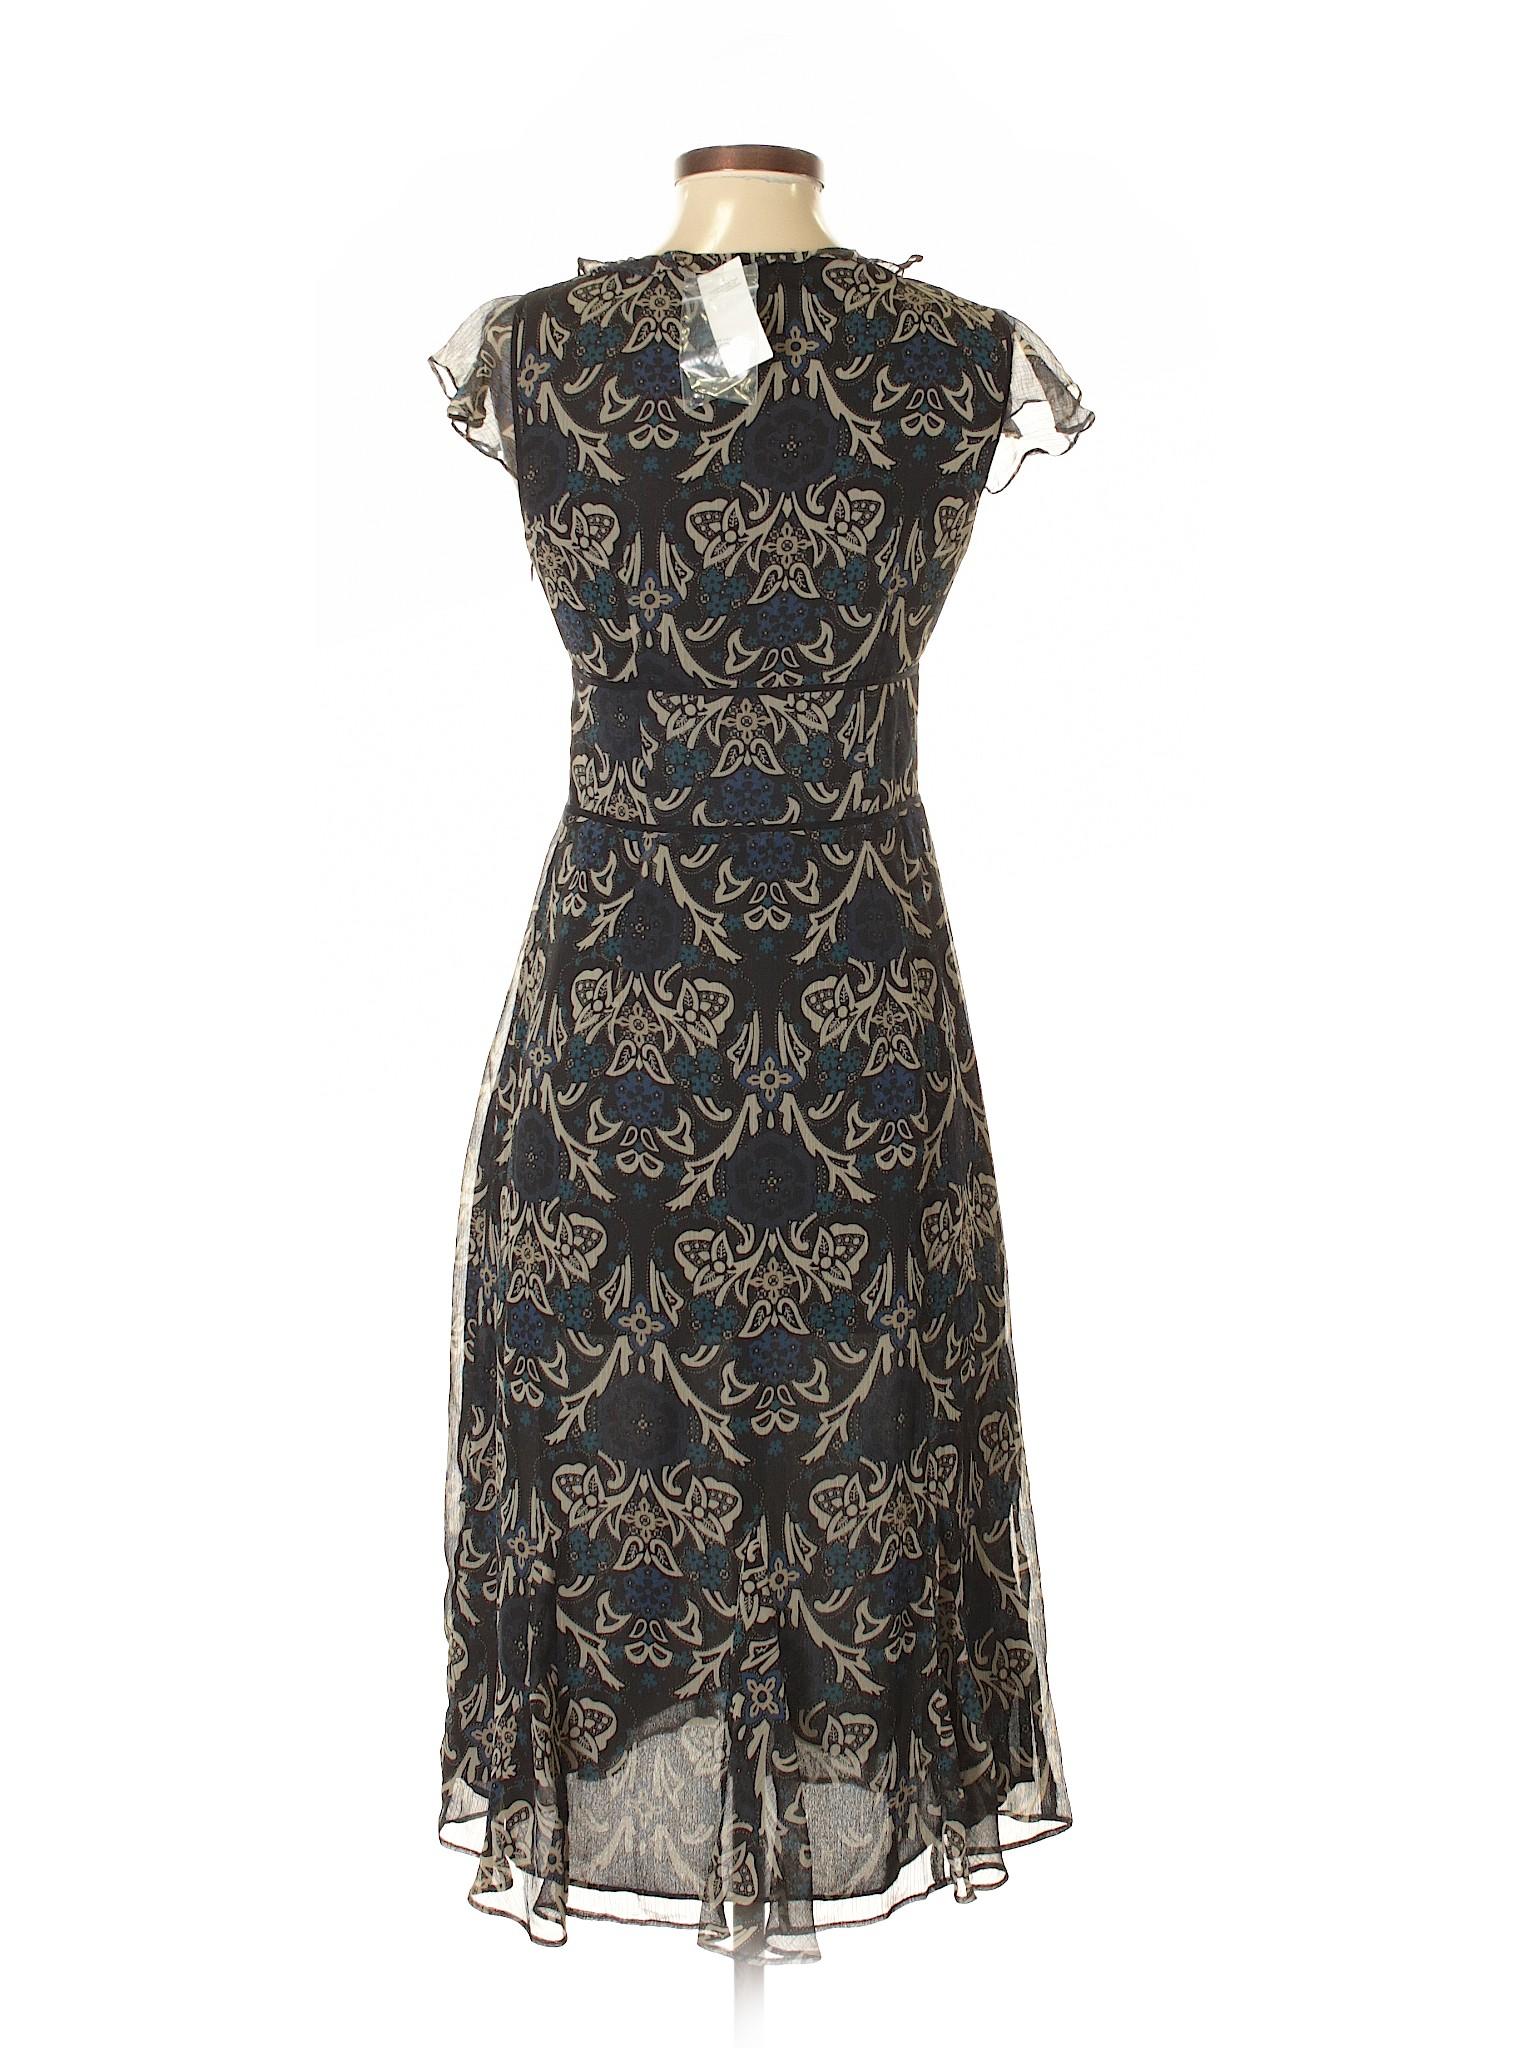 LOFT winter Dress Cocktail Ann Boutique Taylor qtXdt8